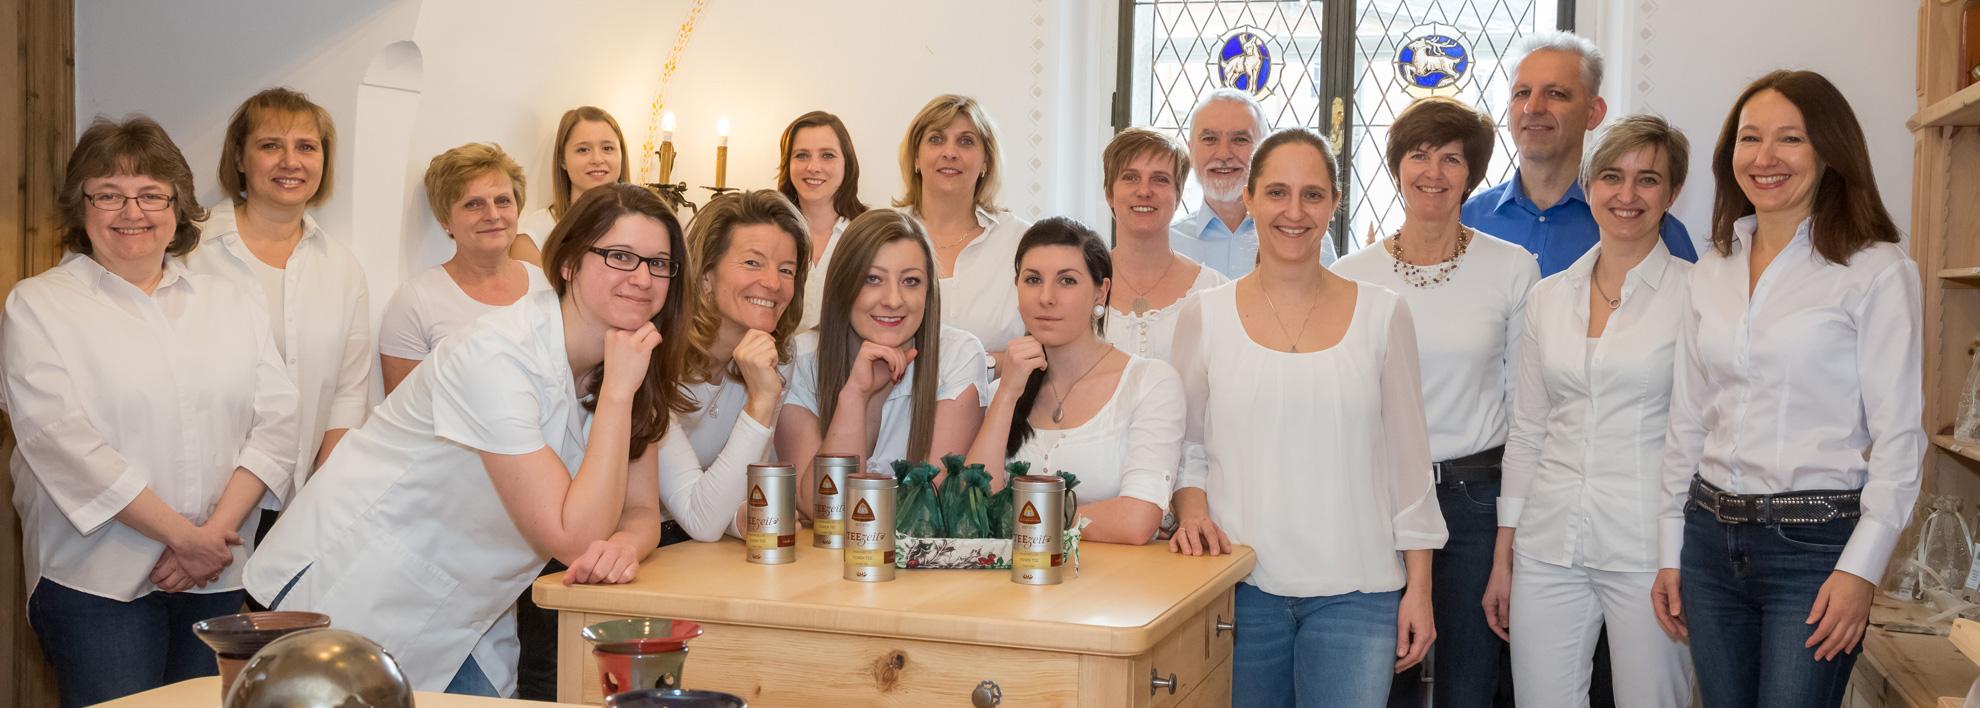 Apotheke-Mariazell-Team